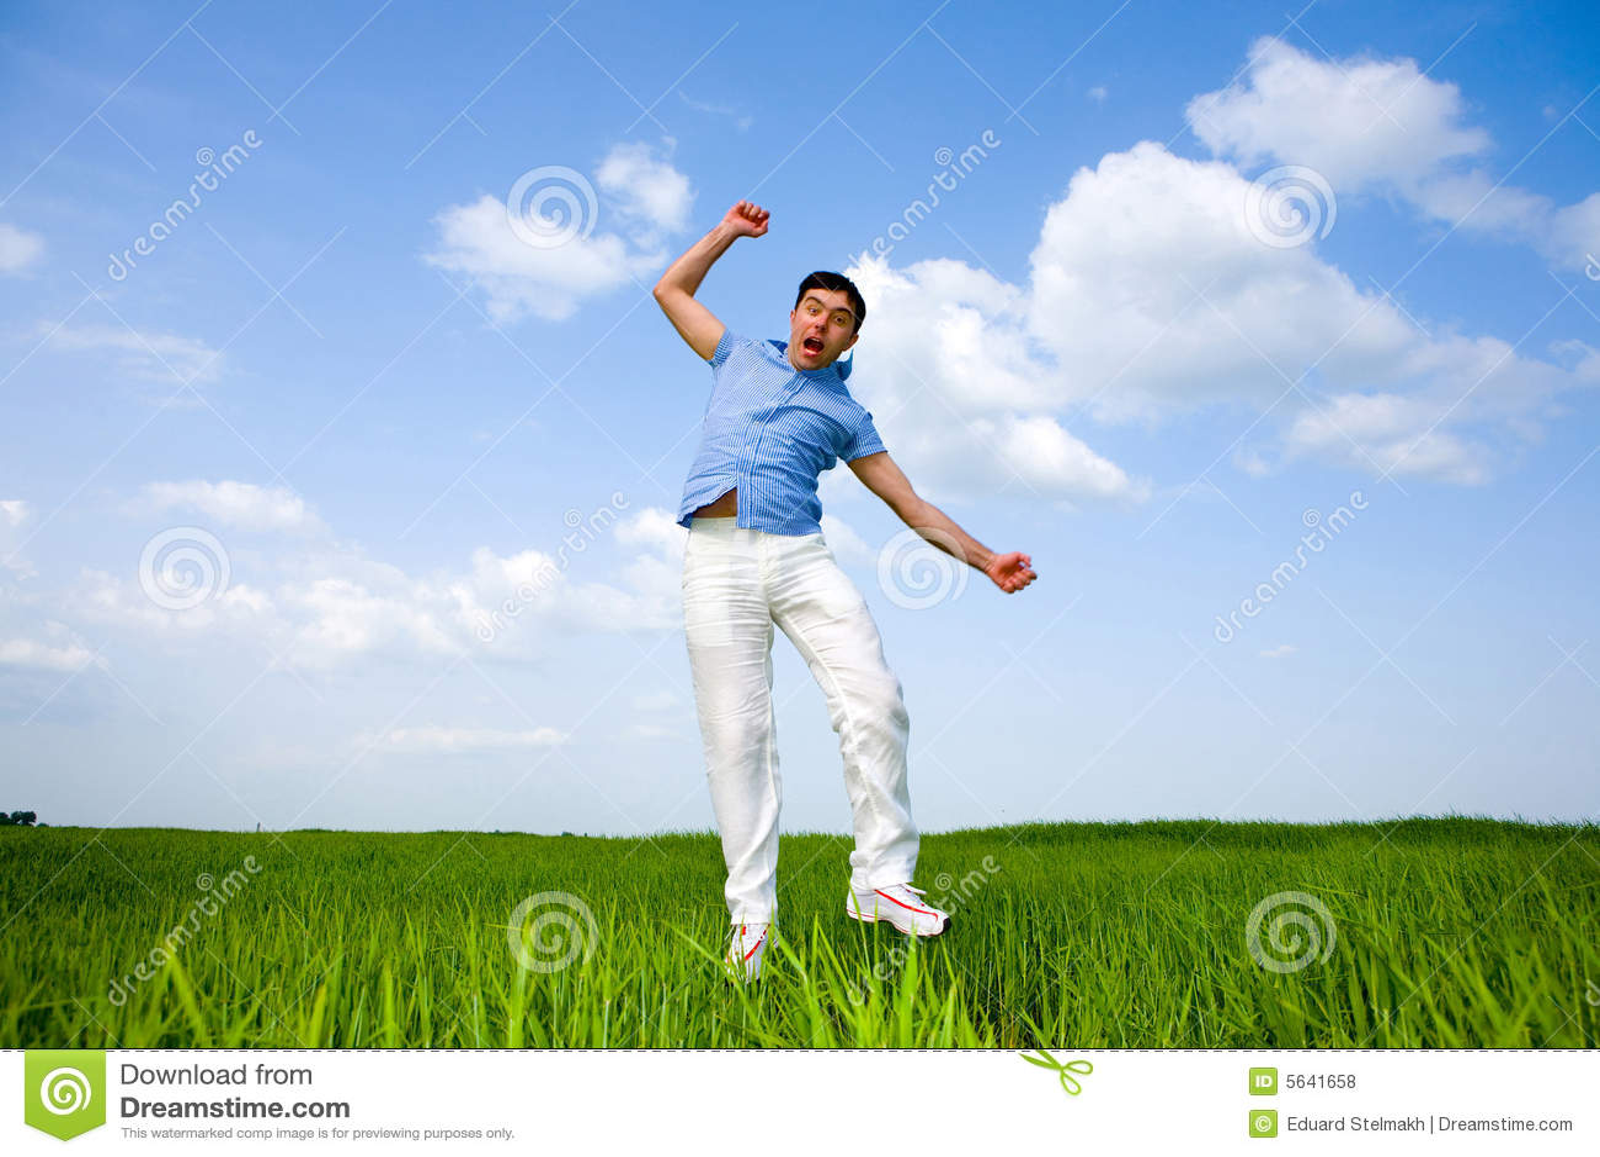 El hombre feliz está saltando en un campo